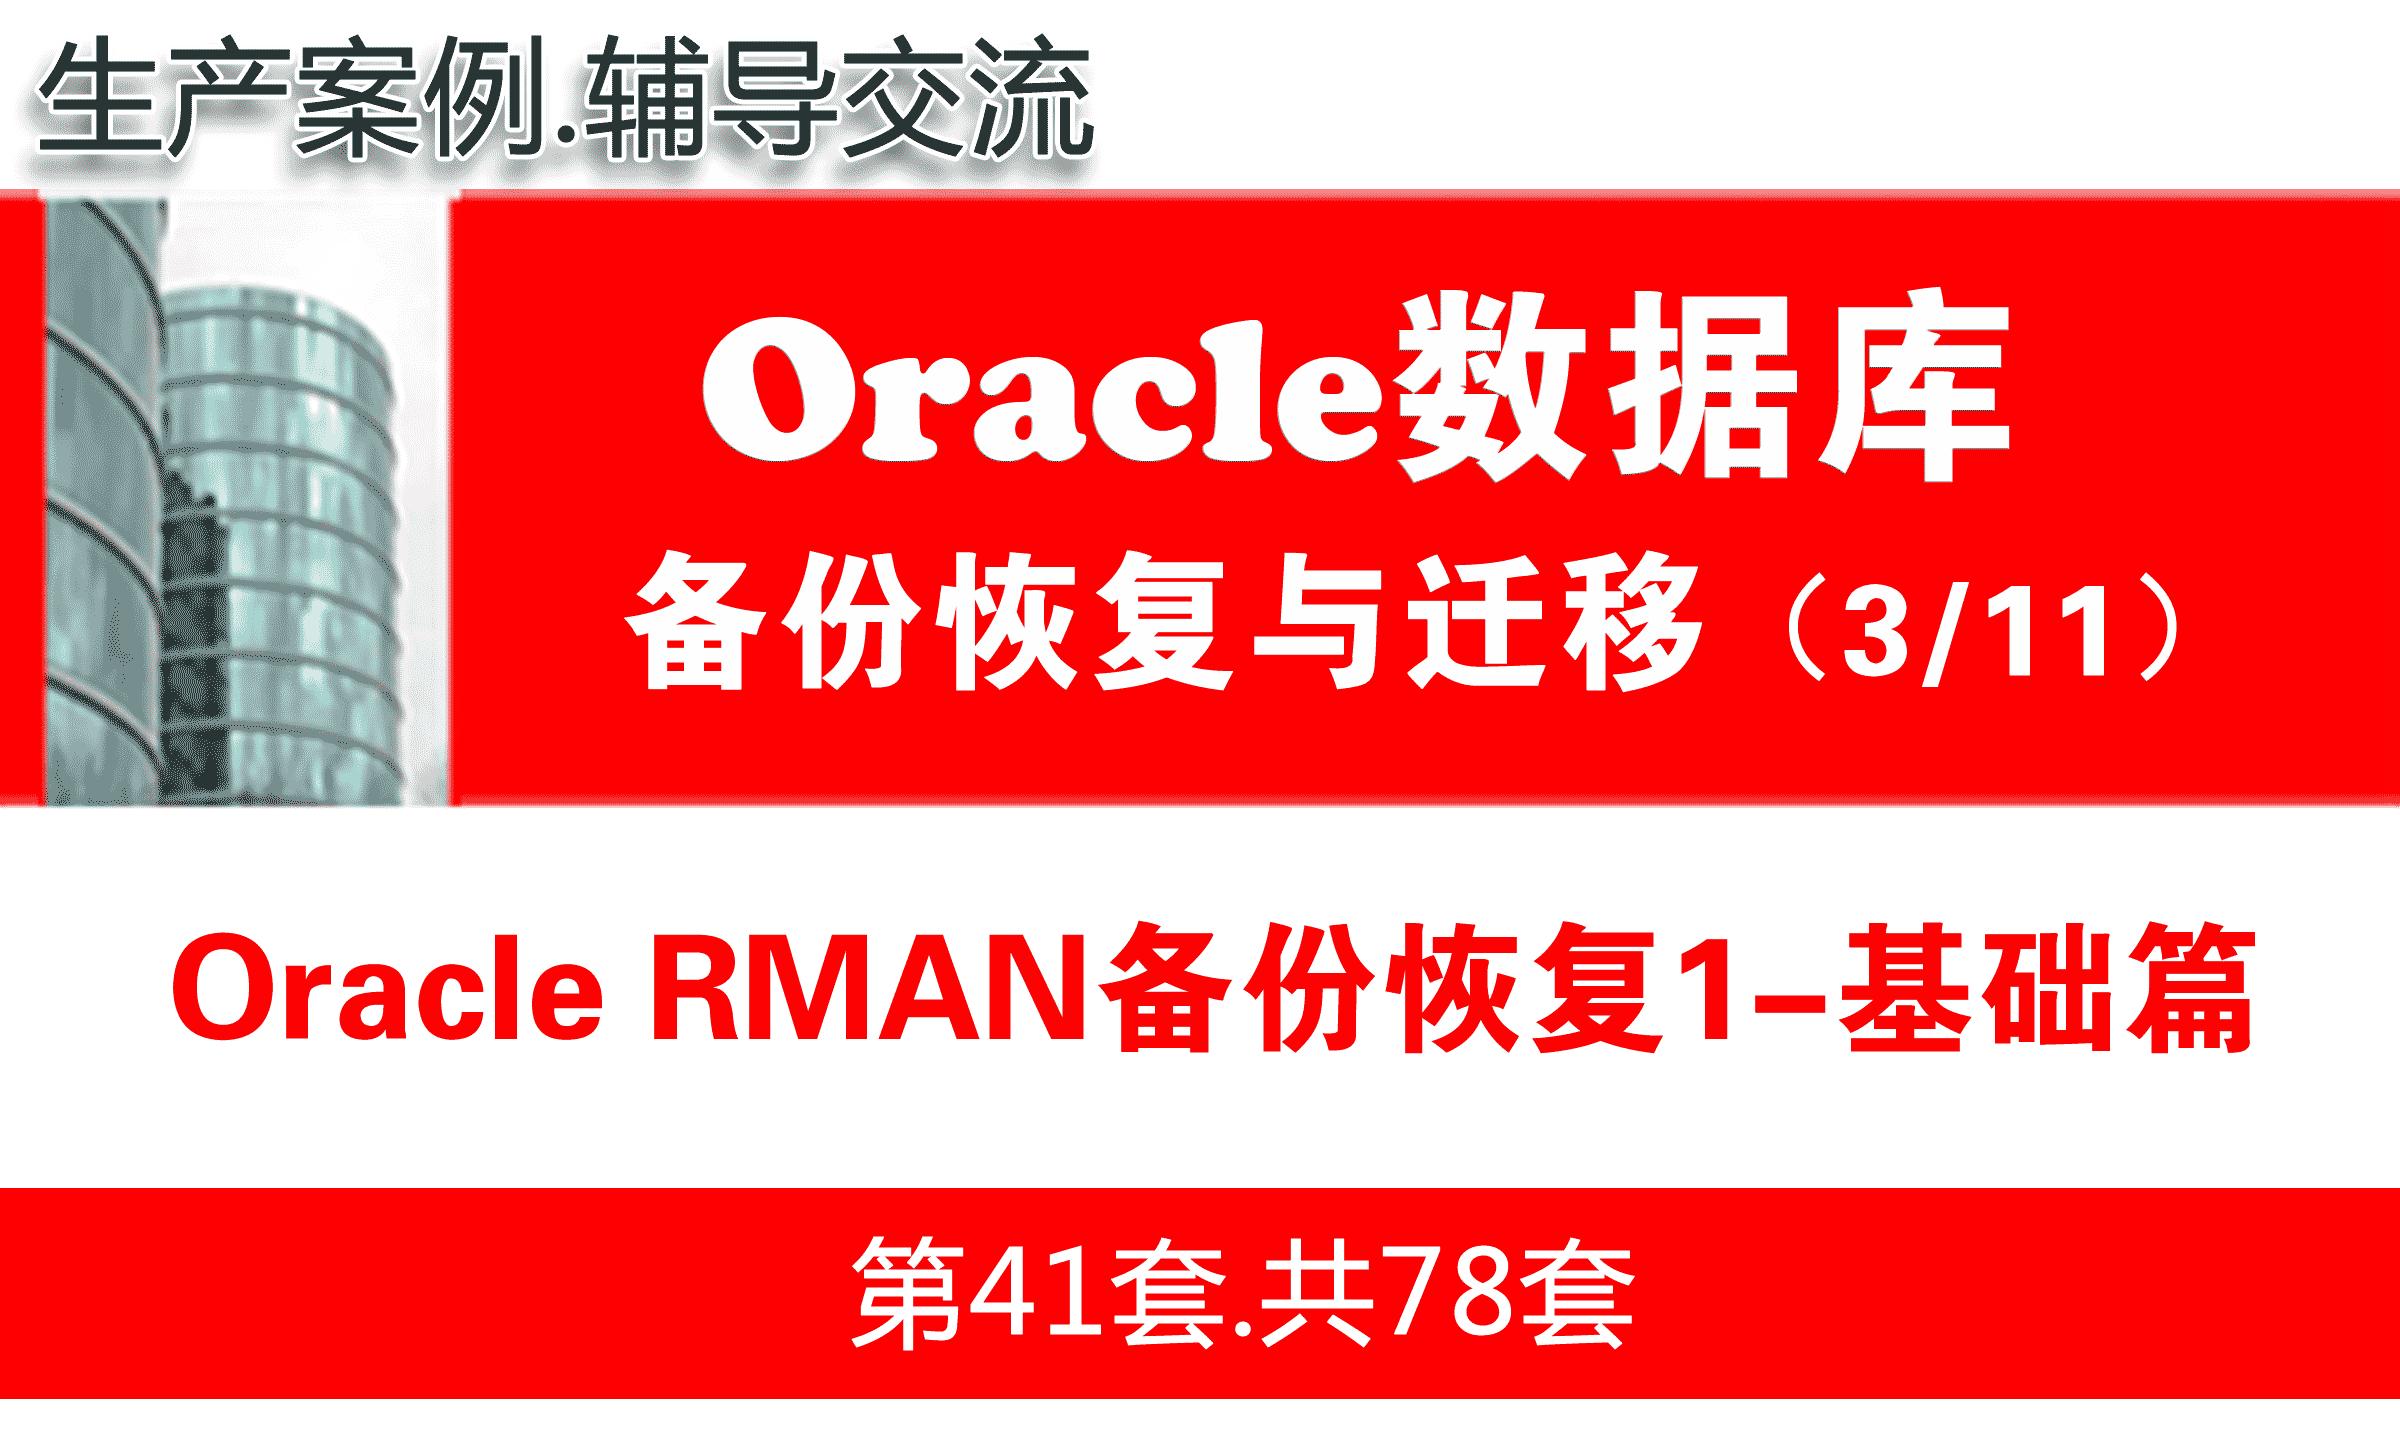 Oracle RMAN备份恢复1(基础篇)_Oracle备份恢复与数据迁移教程03